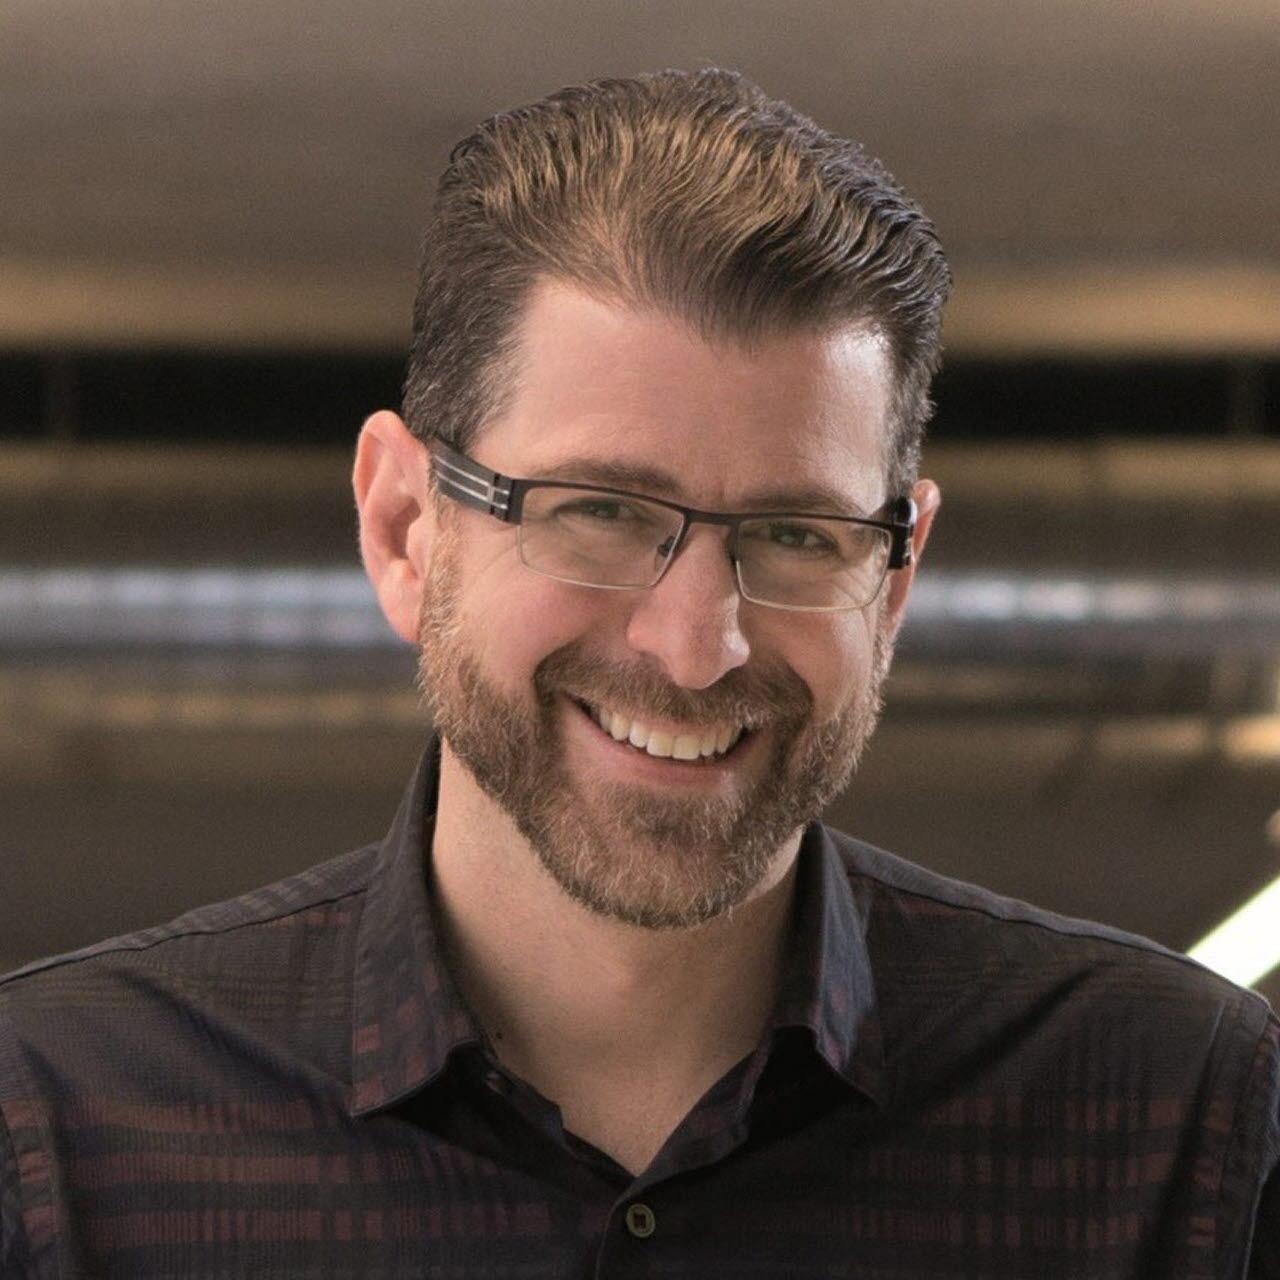 Jeff DiBattista